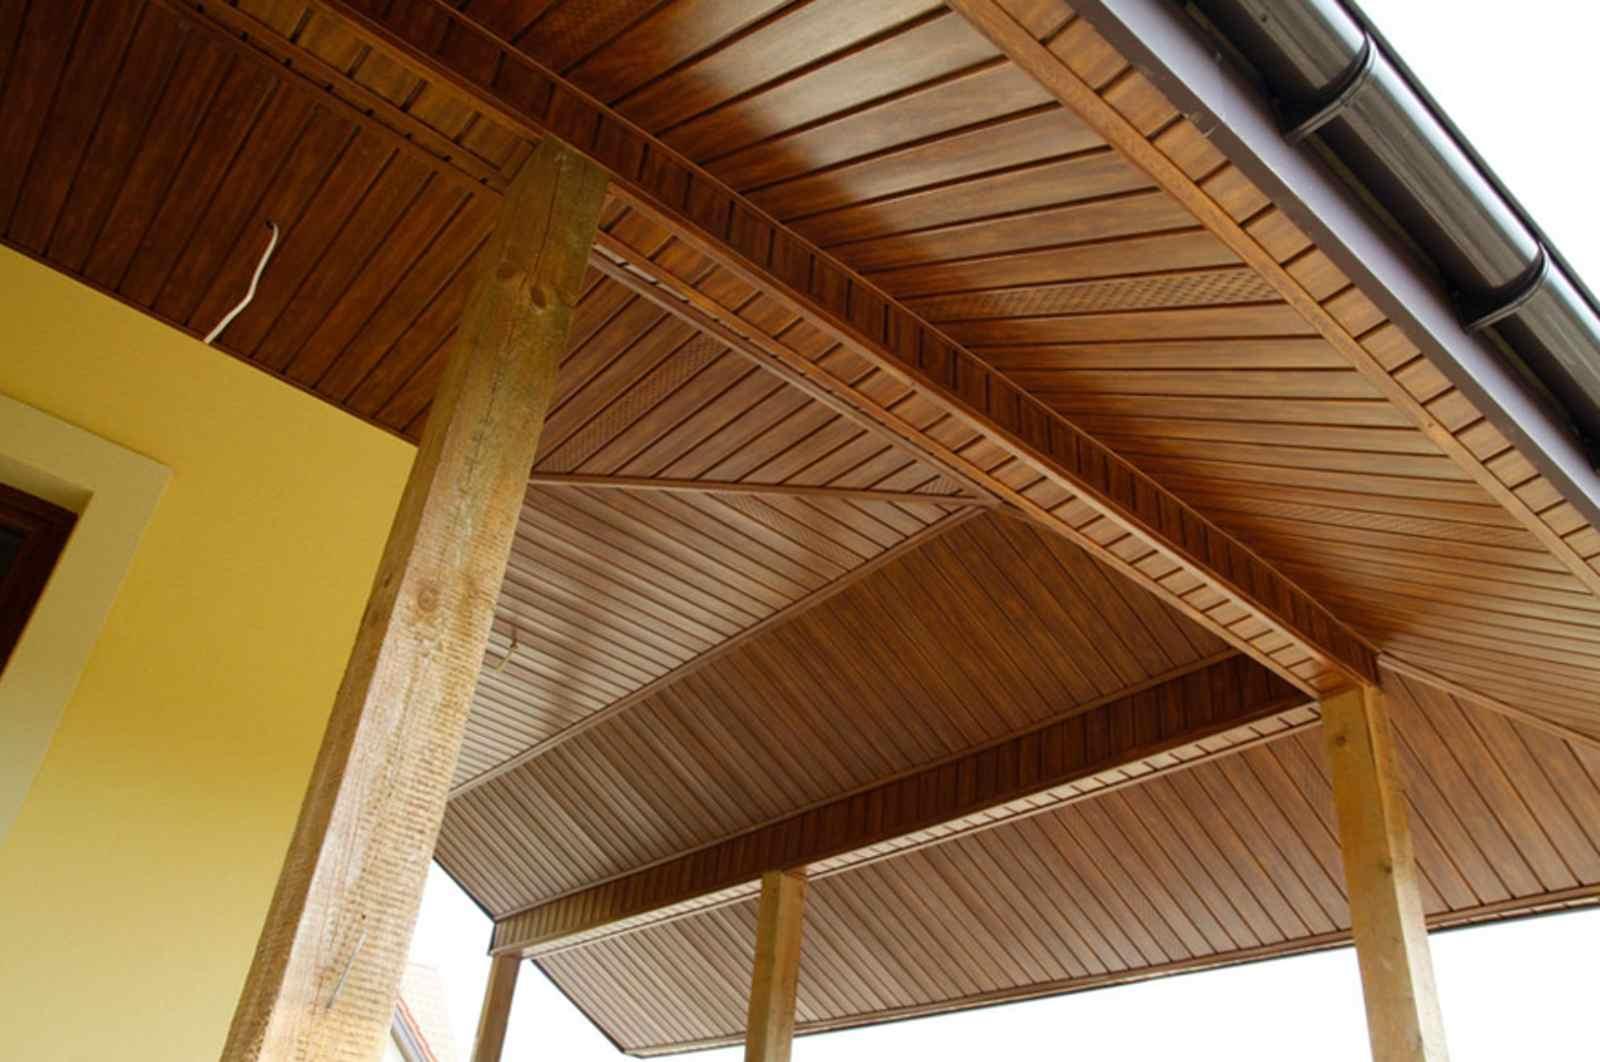 Софиты под дерево для крыши